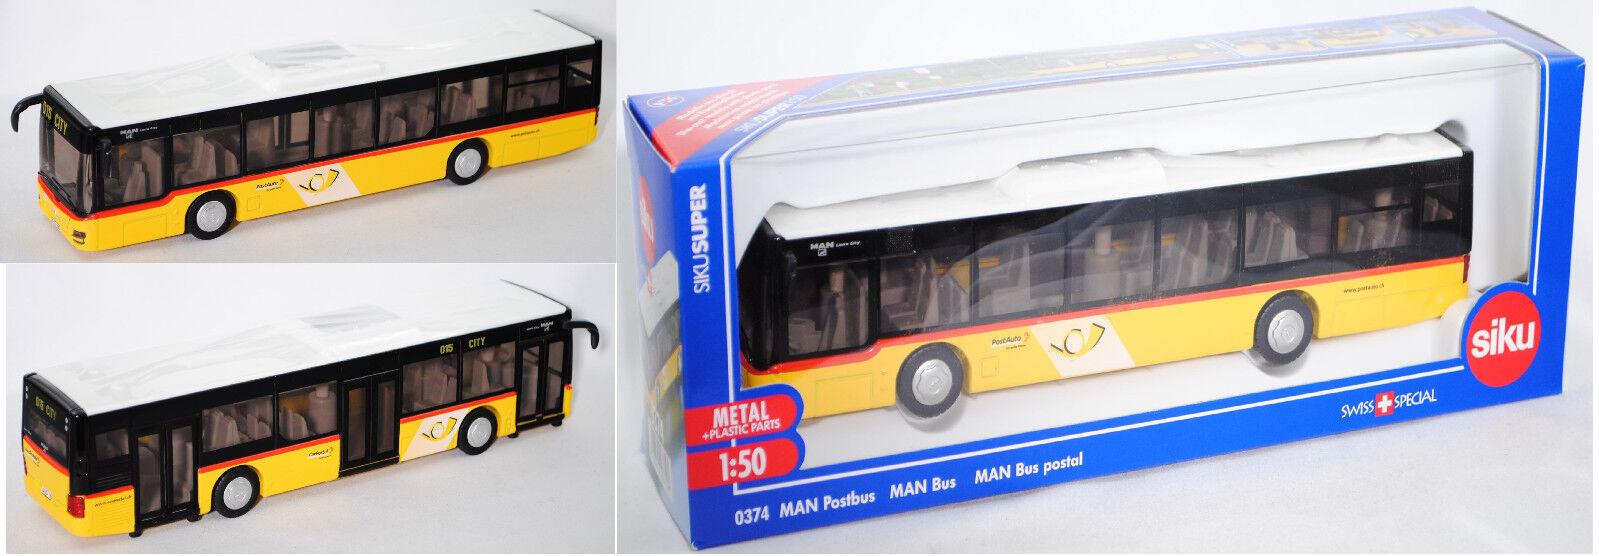 SIku Super 3747 03902 Stadtbus MAN Lions City DIE POST, 1 50, OVP